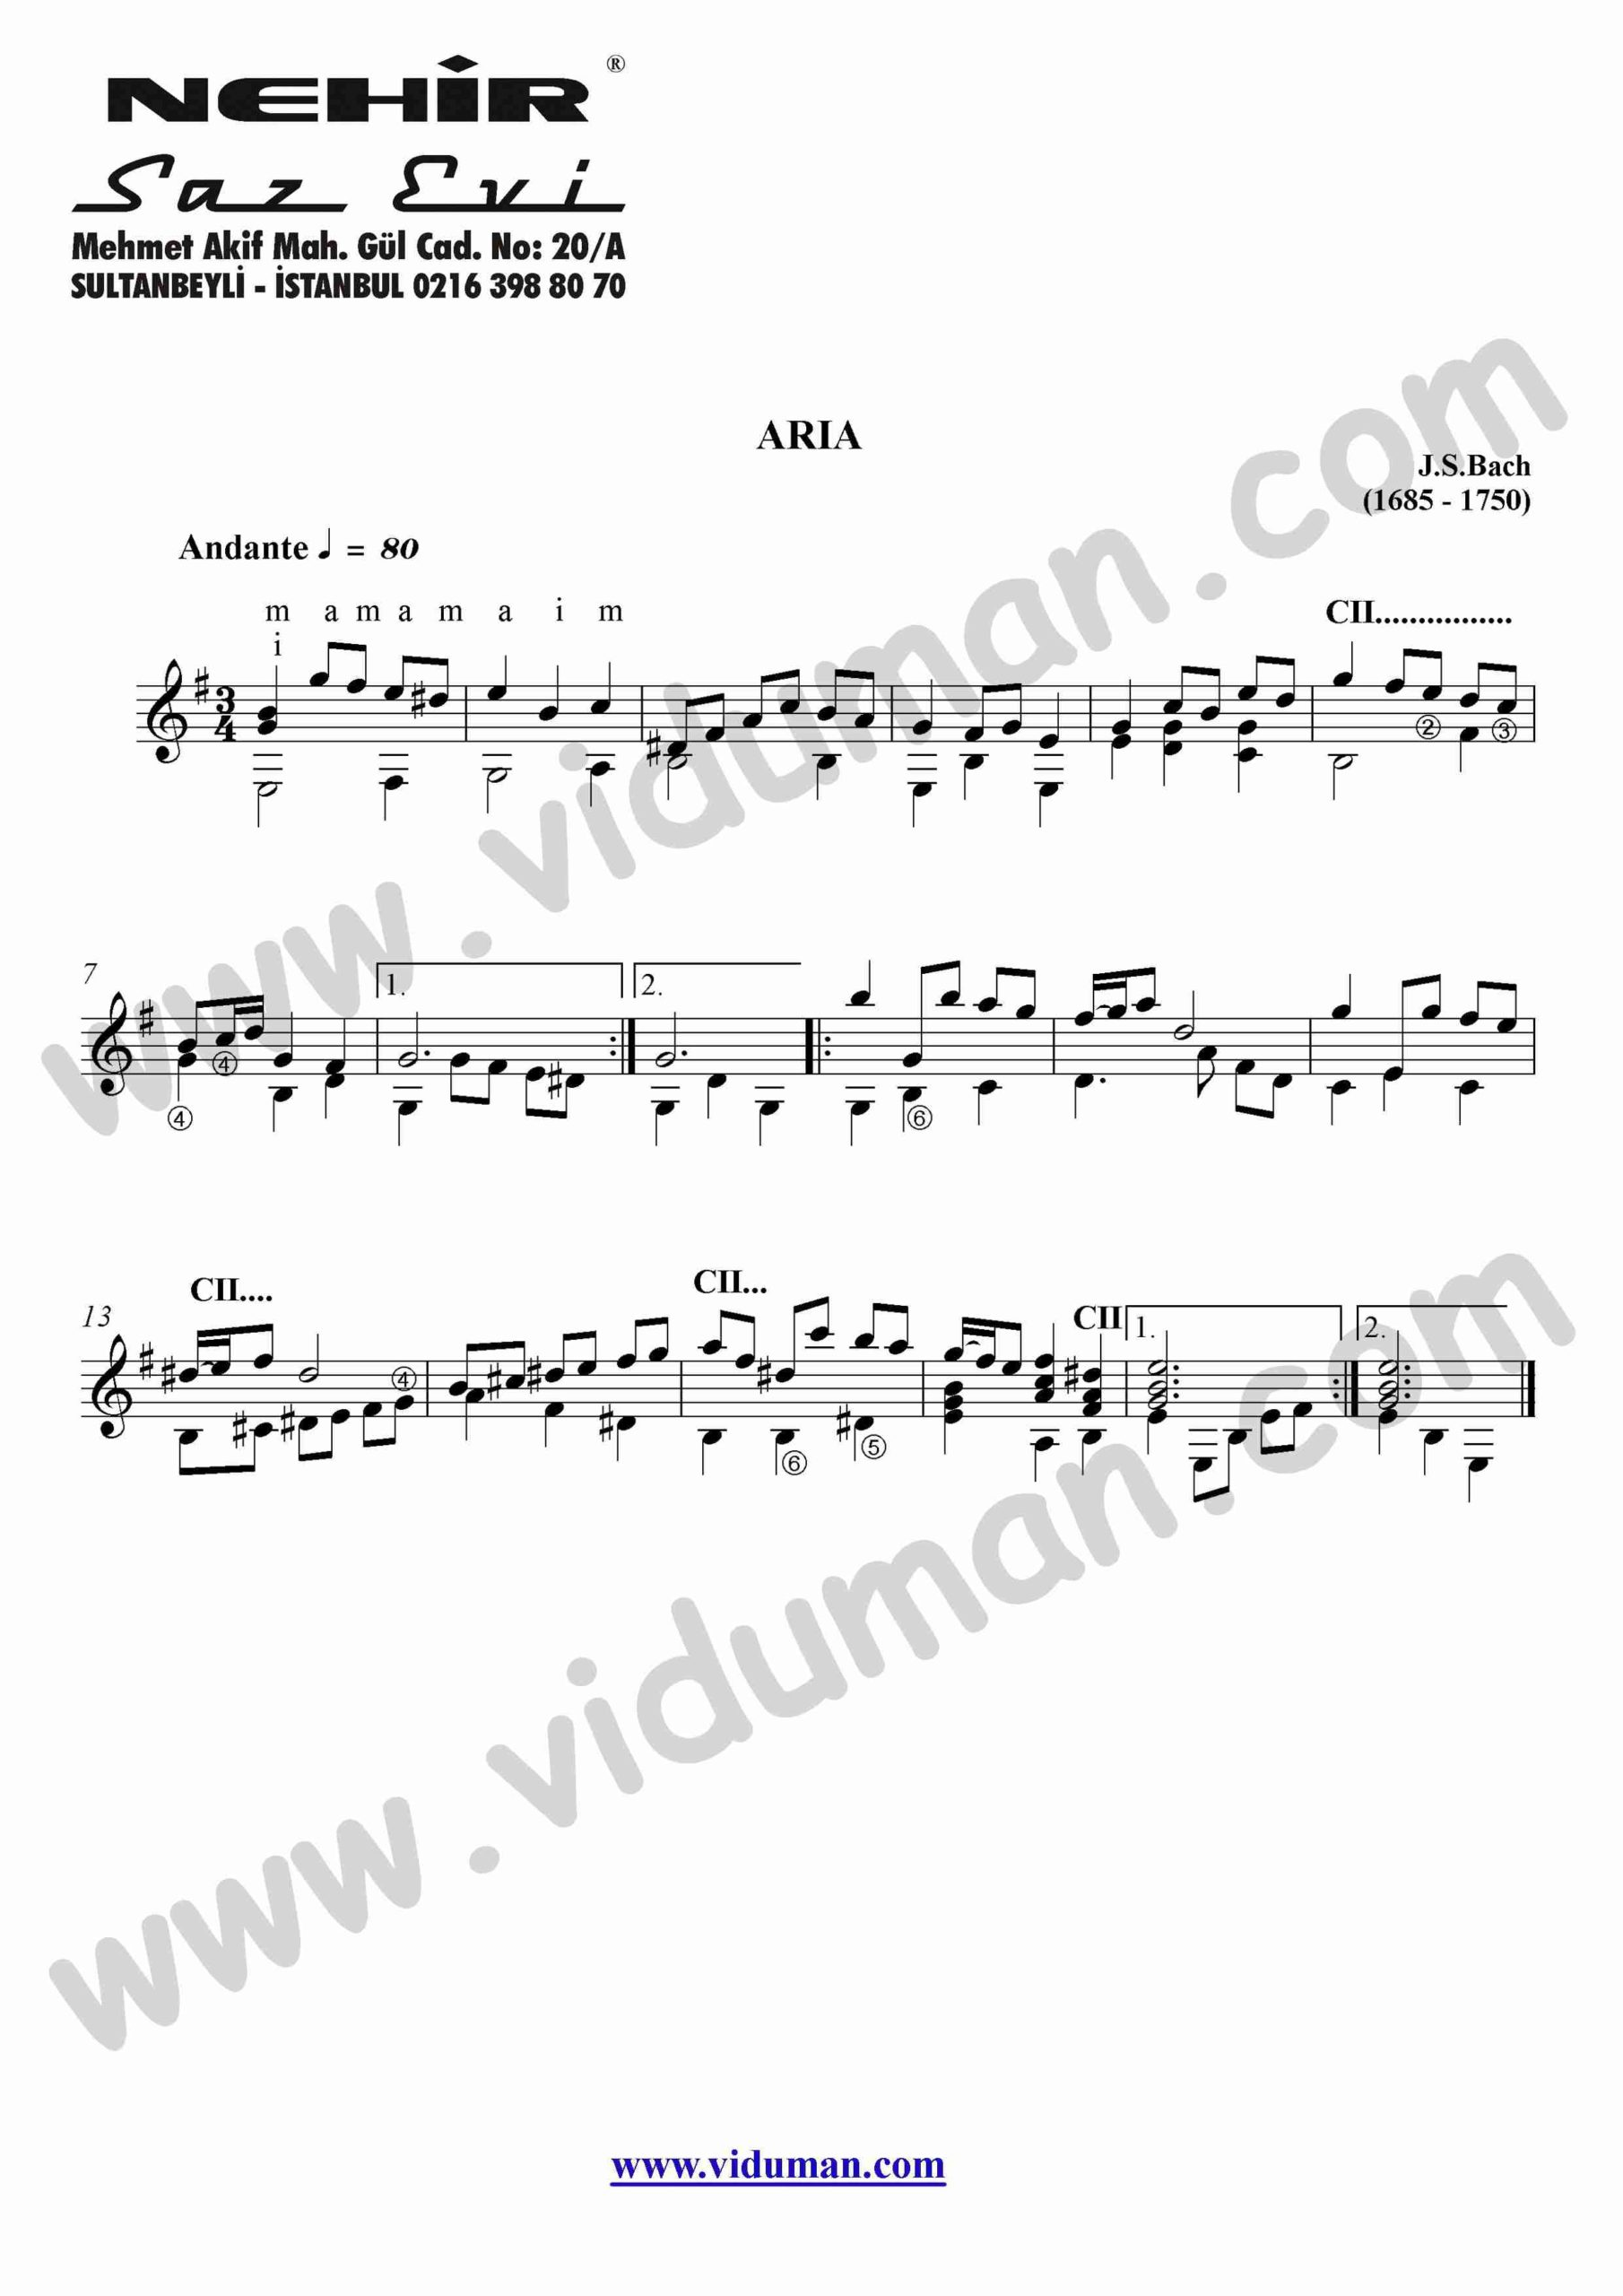 52- Aria (J.S.Bach)